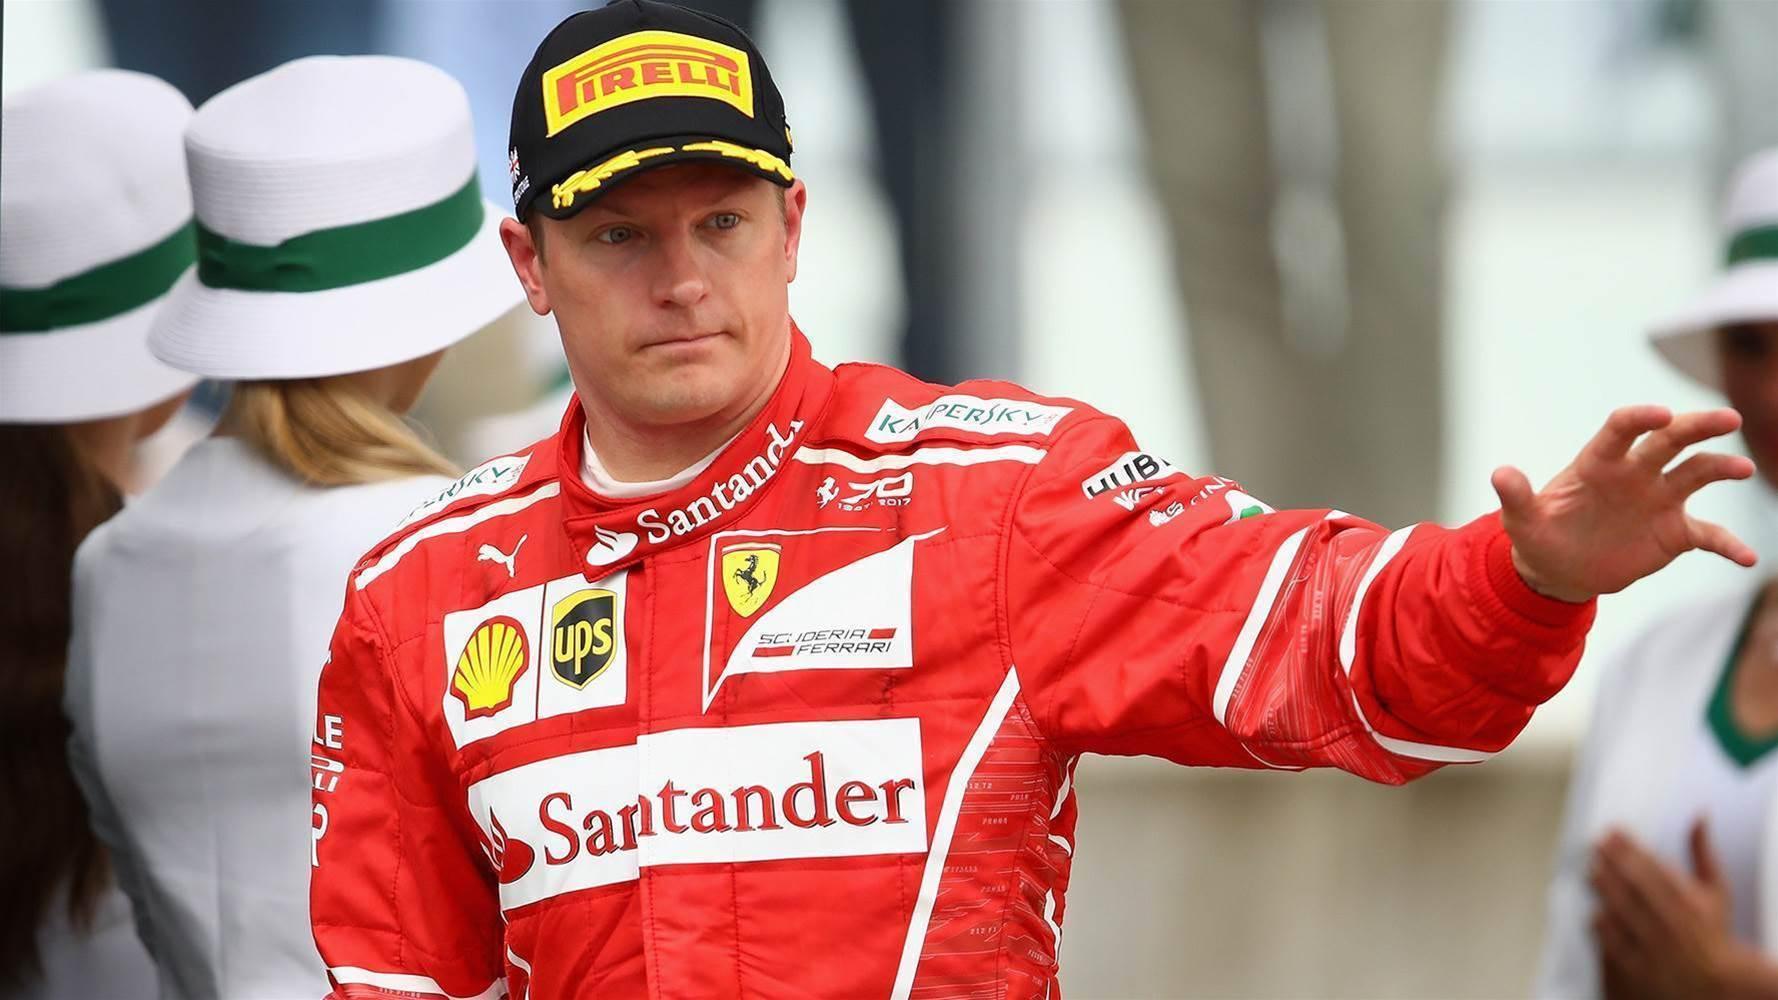 VIDEO: Kimi Raikkonen's hilarious F1 radio messages